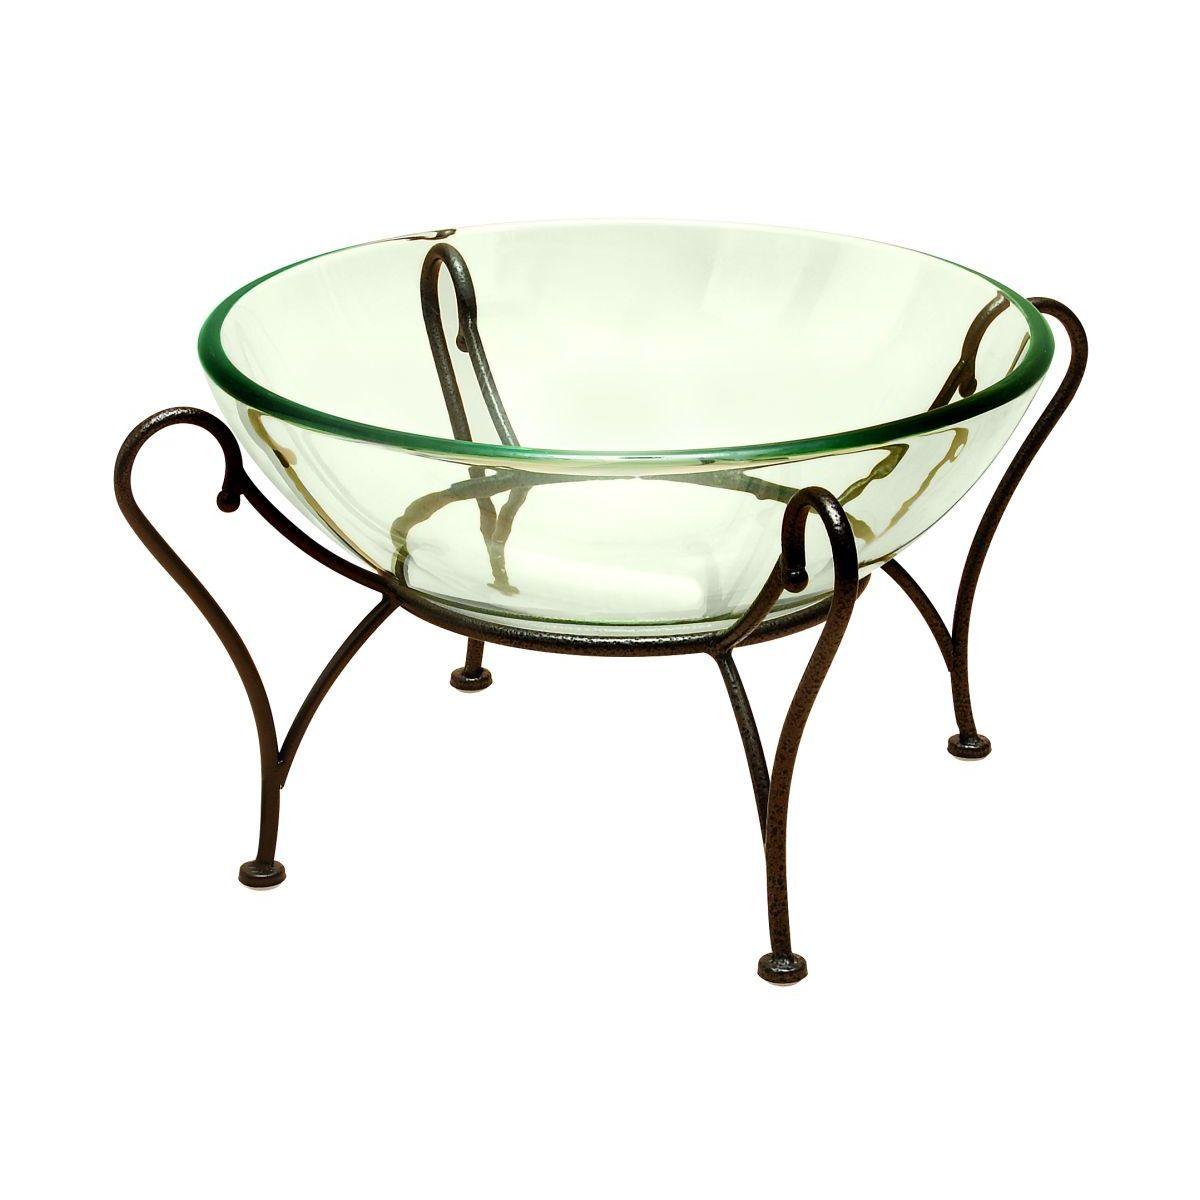 Glass Bowl on Metal Stand